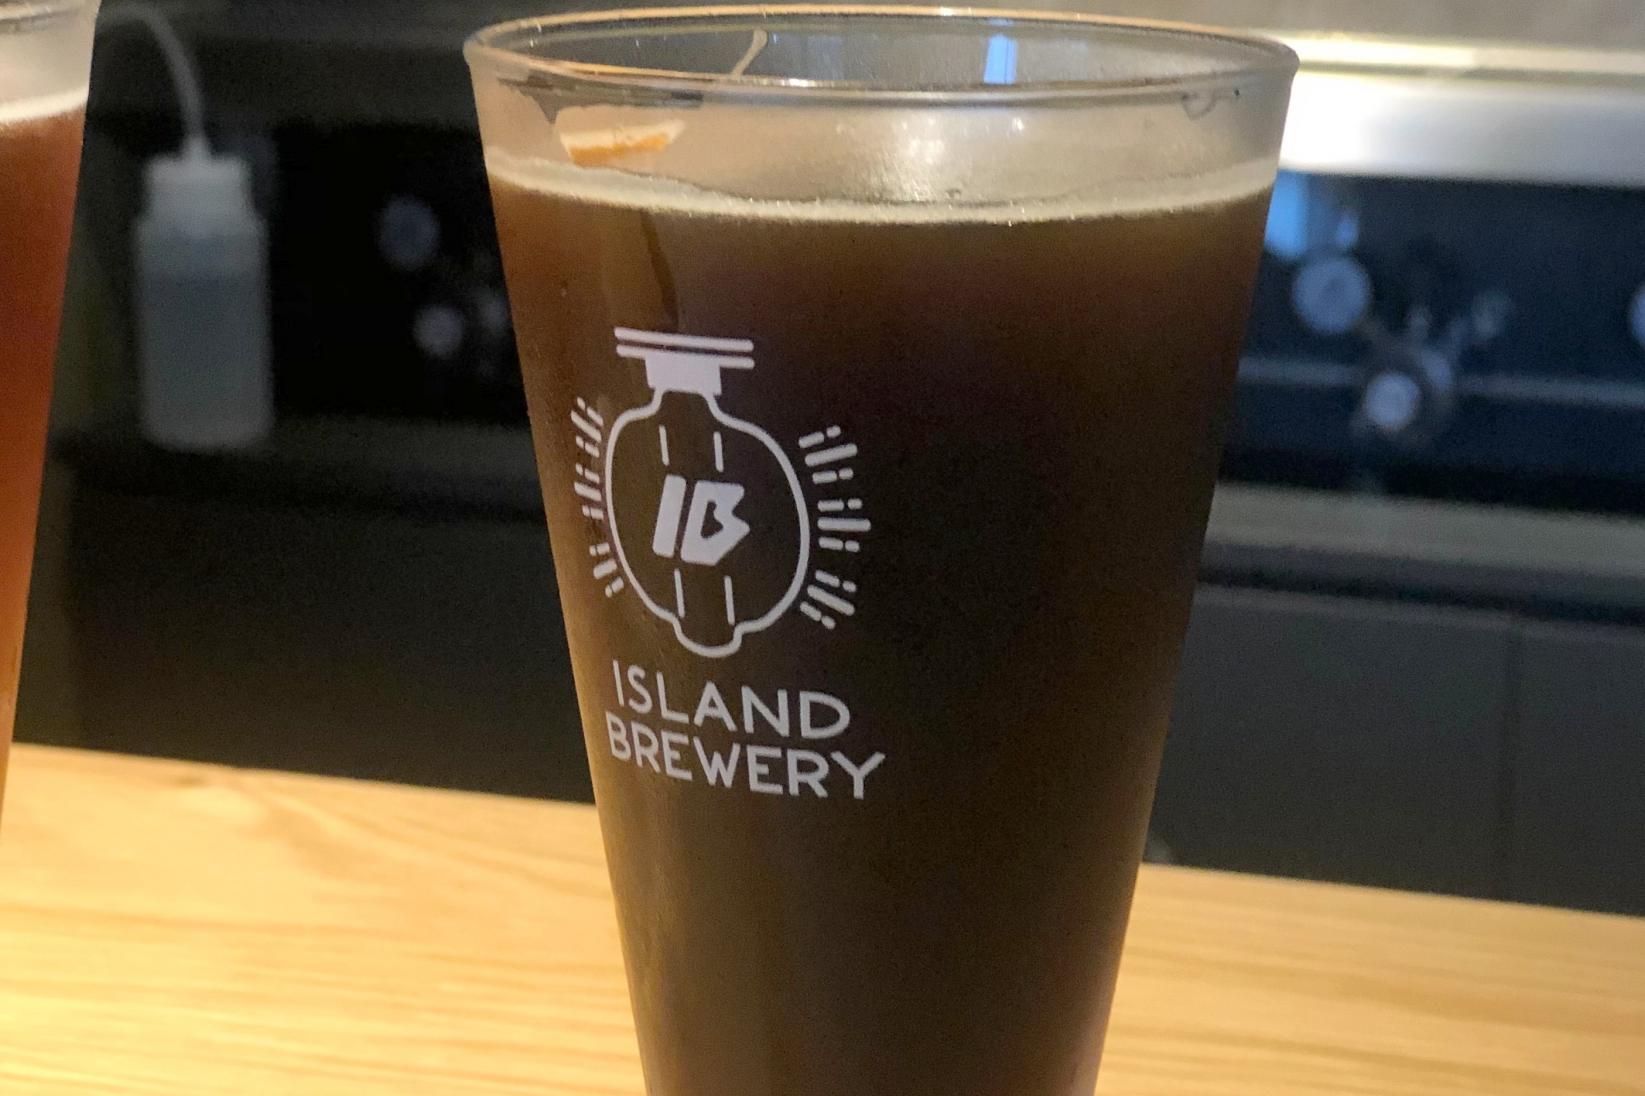 苦みと香りを楽しむ「BROWN IPA・DDH BLACK IPA」-1